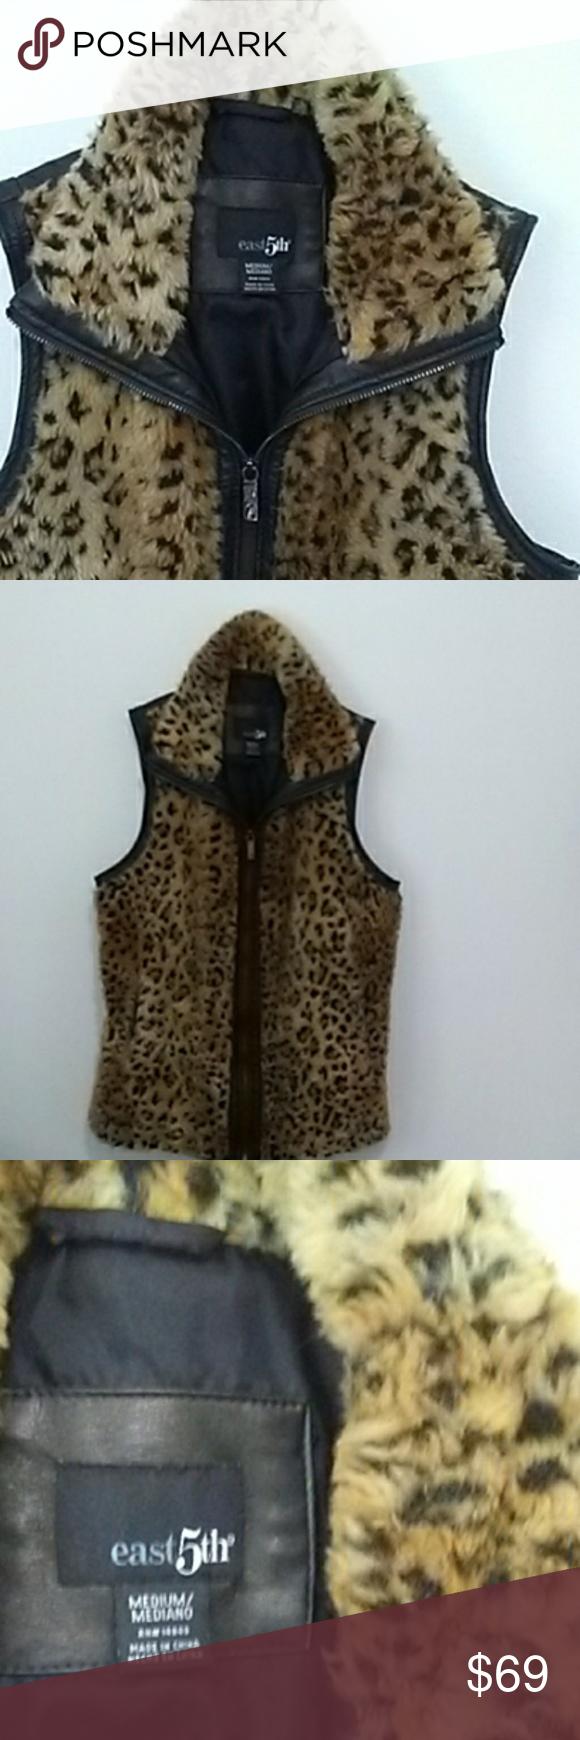 East 5th Ave. Leopard faux fur & leather vest Clothes